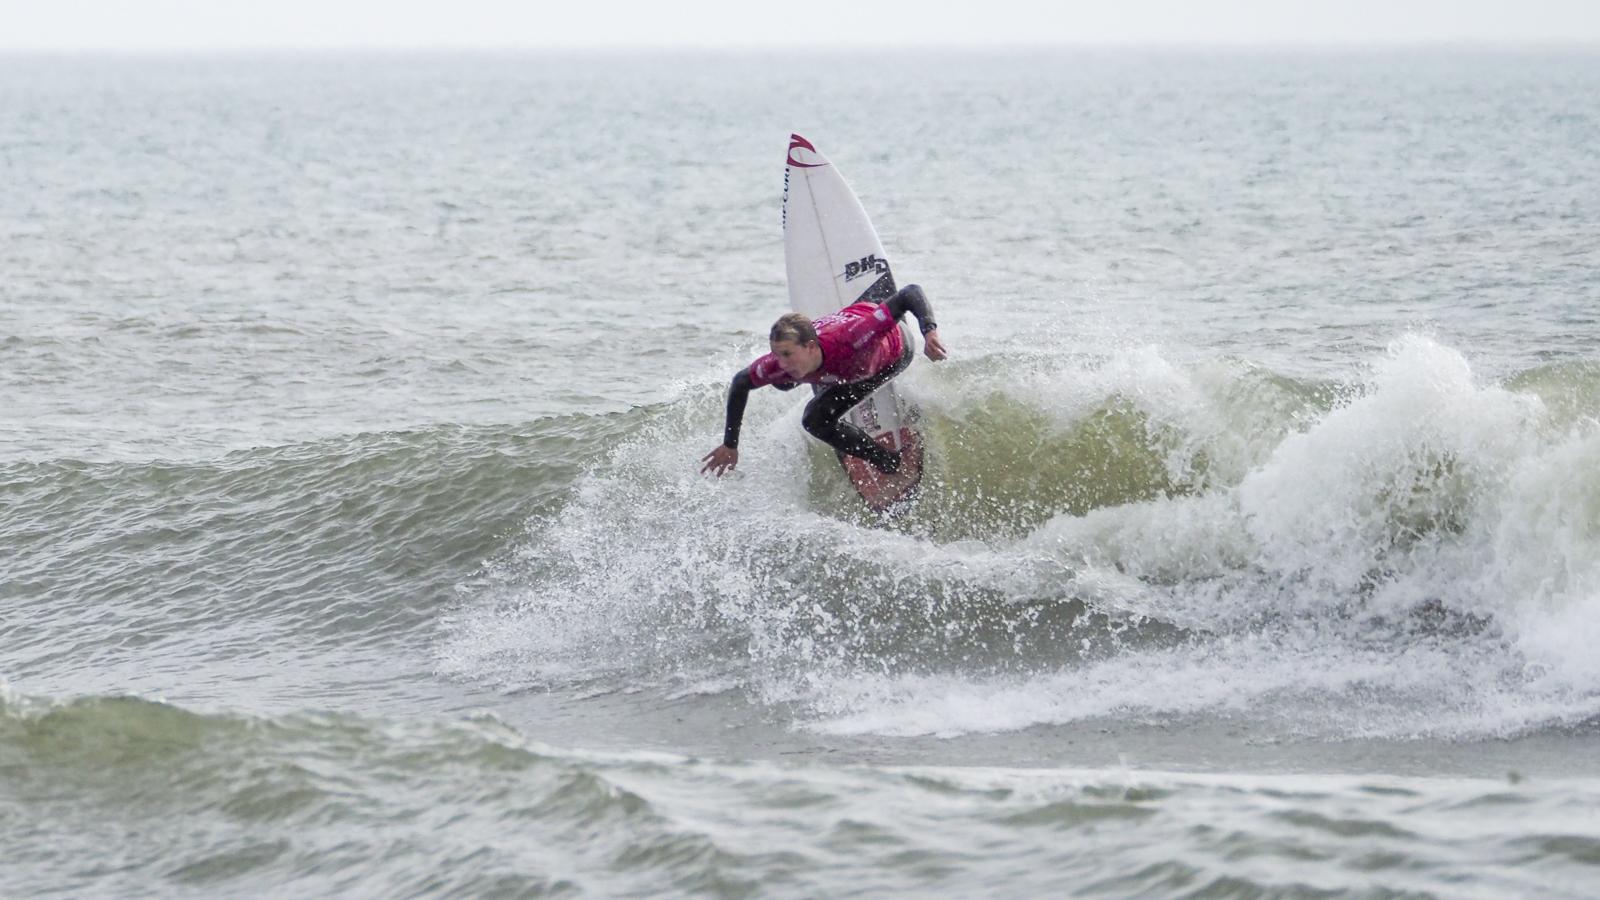 男子のラウンド1で圧倒的なサーフィンを見せたジェイコブ・ウィルコックス